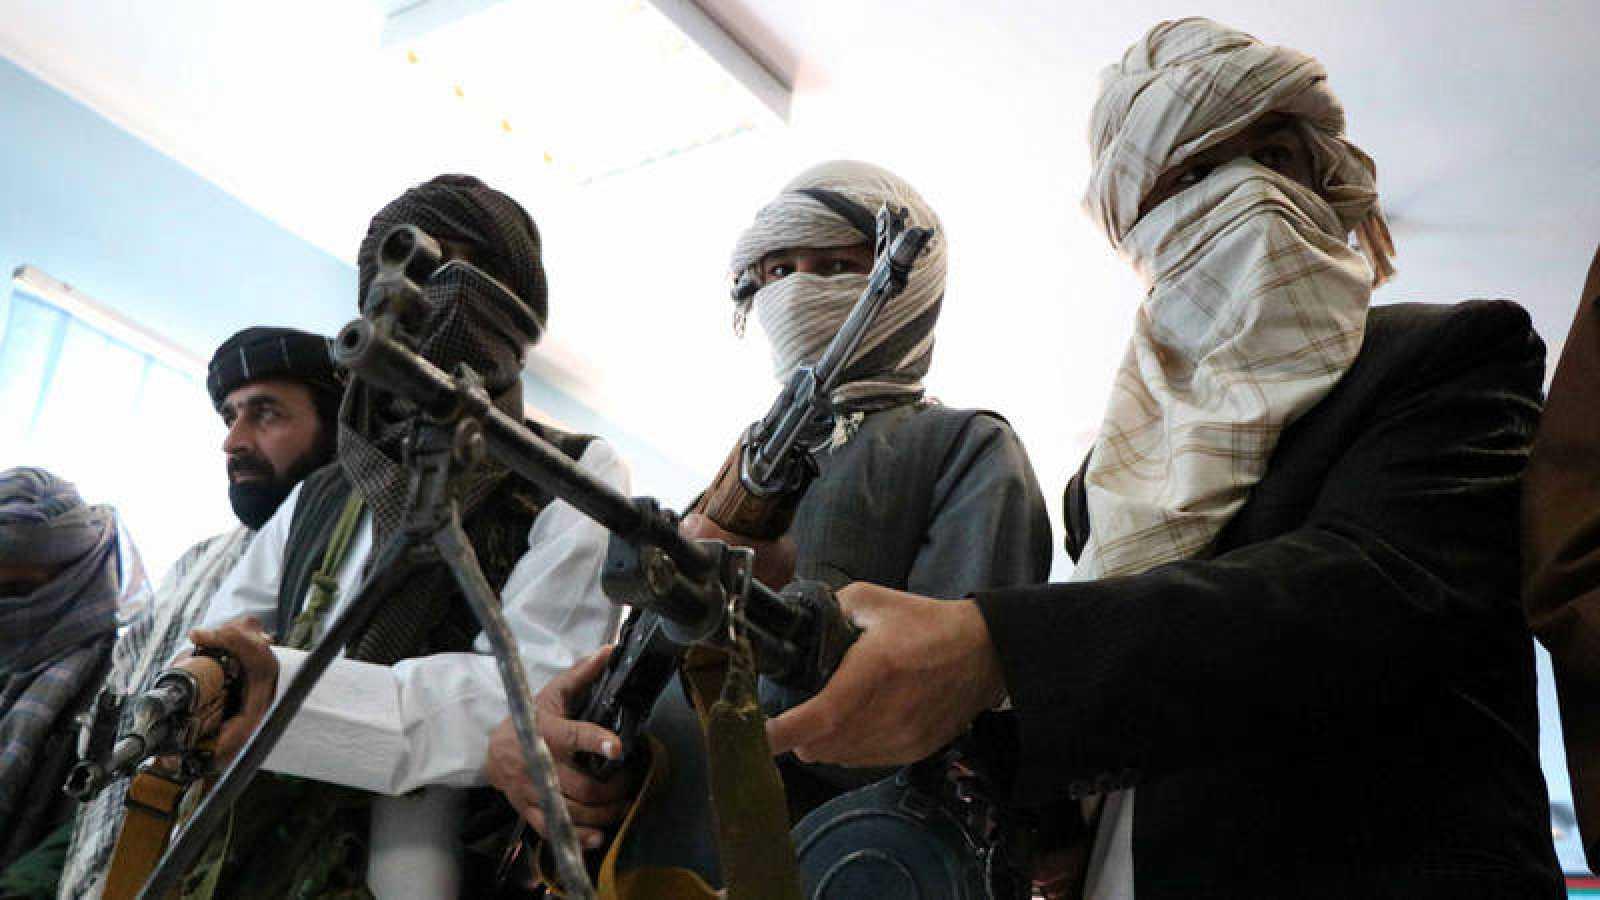 Exmiembros de los talibanes entregan sus armas durante una ceremonia de reconciliación en Herat (Afganistán)